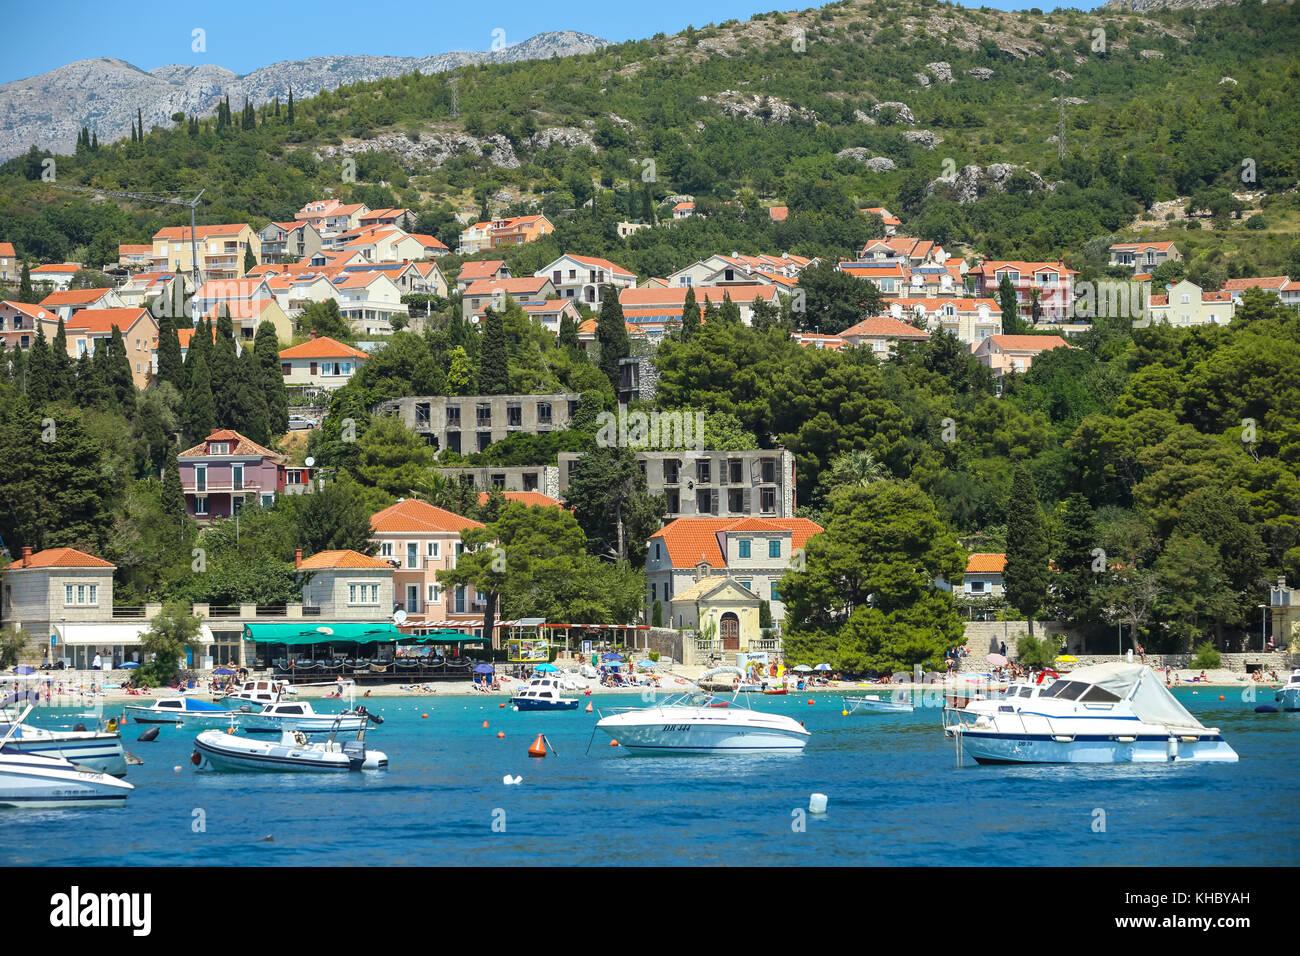 SREBRENO, CROACIA - Julio 18, 2017 : Una vista de barcos anclados en el mar en la riviera de Dubrovnik en Srebreno, Foto de stock